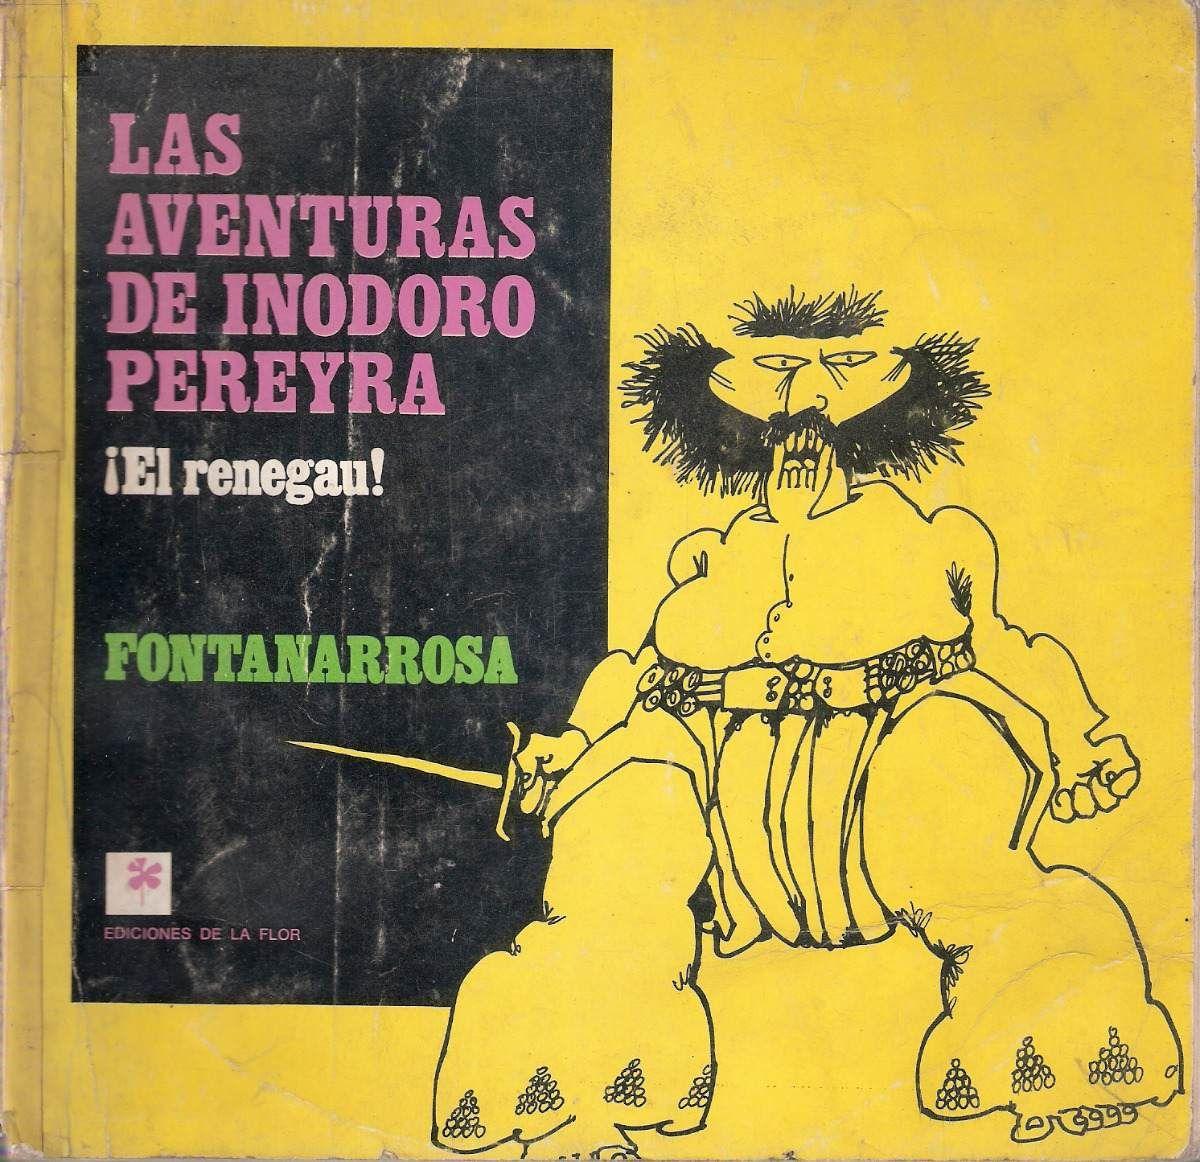 qué grande el Negro! cuando las historietas parecían insuperables, aparecieron los cuentos. Los rosarinos sabemos q muchos no son ficción... ;)